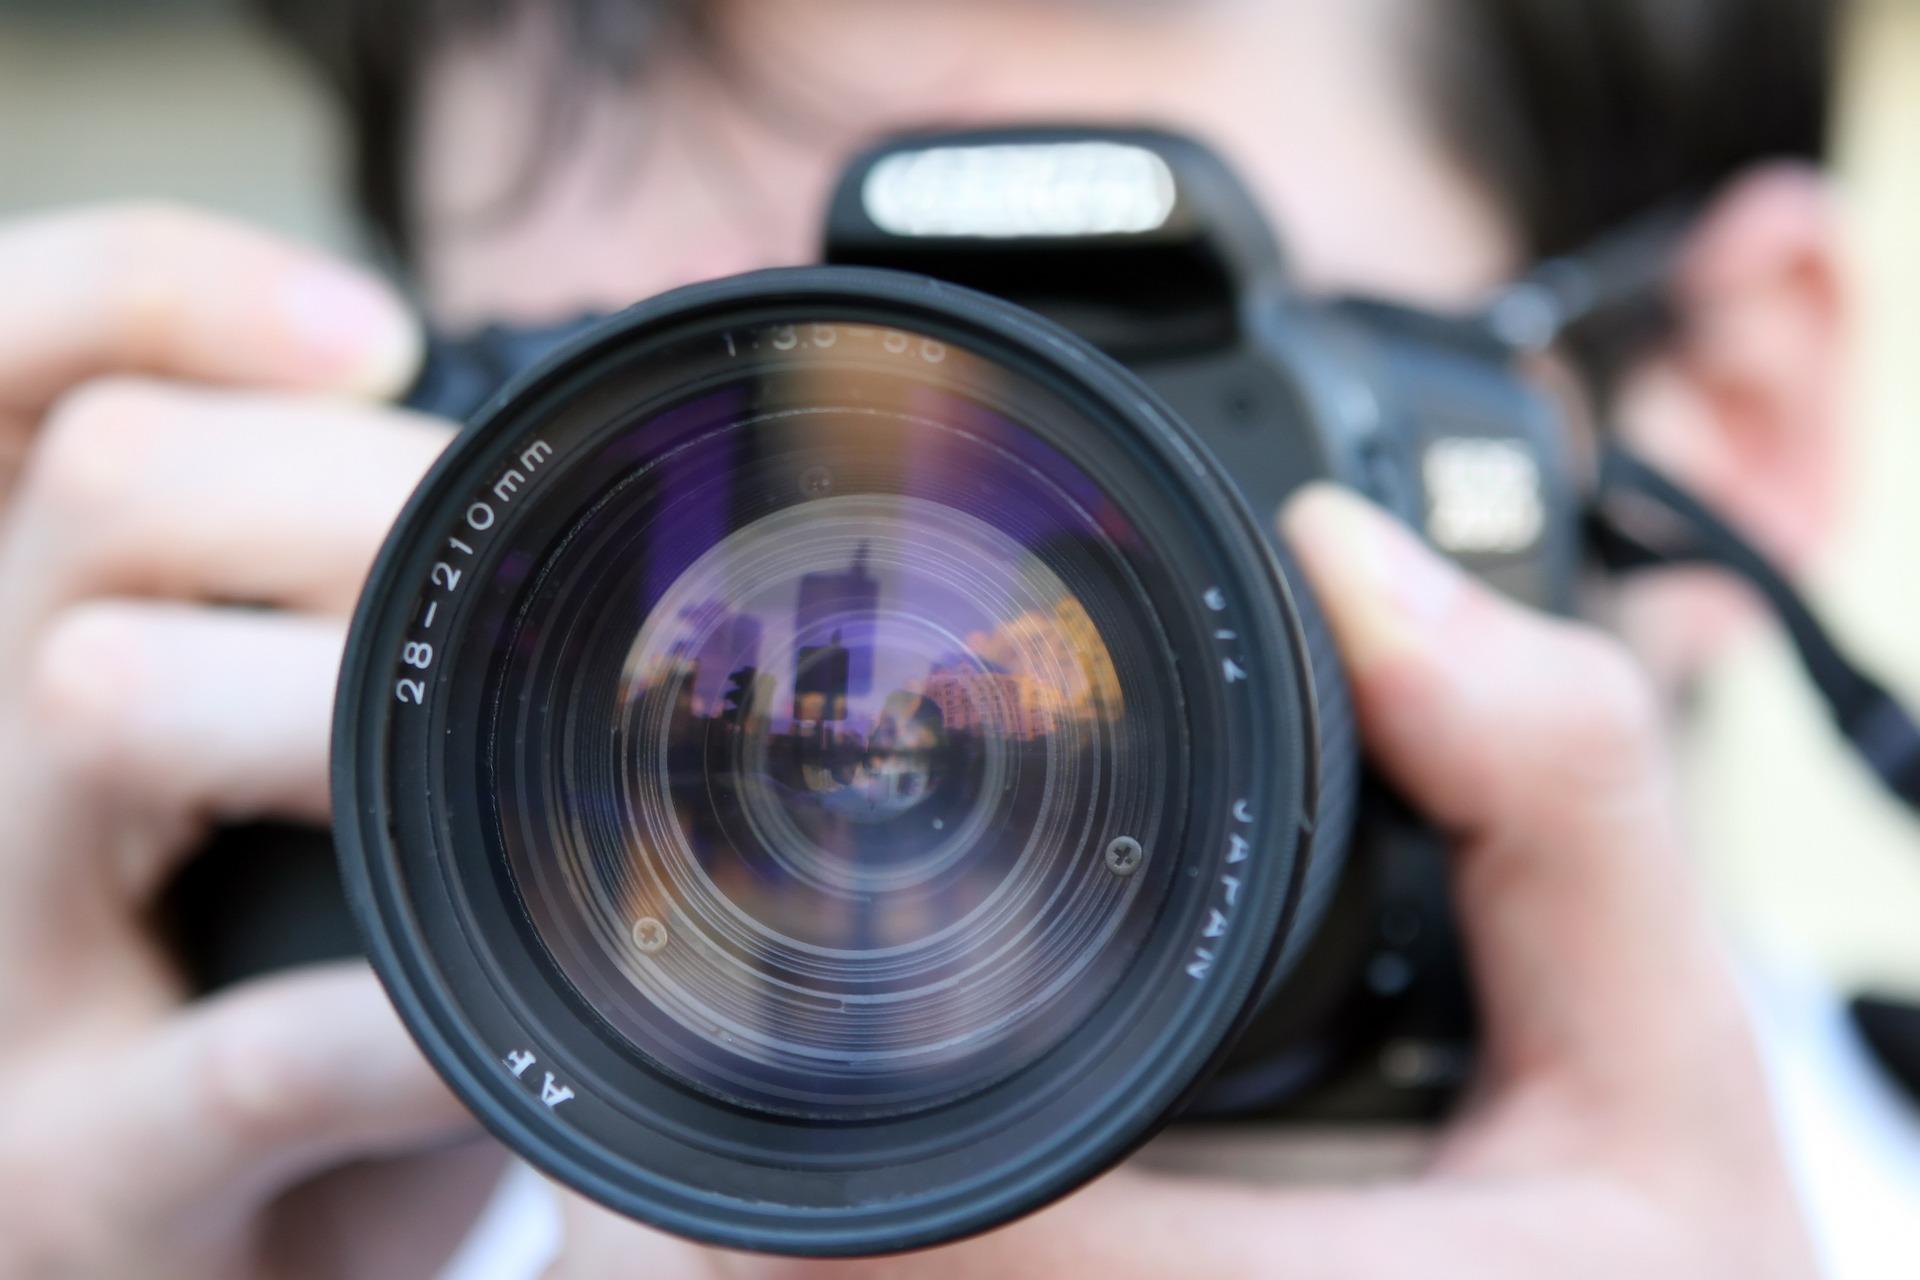 """DALL'AUTORITA' PER LA PROTEZIONE DEI DATI DELLA LETTONIA: Devo Smettere Di Scattare Foto Se Qualcuno In Un Luogo Pubblico Chiede Di """" Eliminare Immediatamente La Foto! """" ? """""""